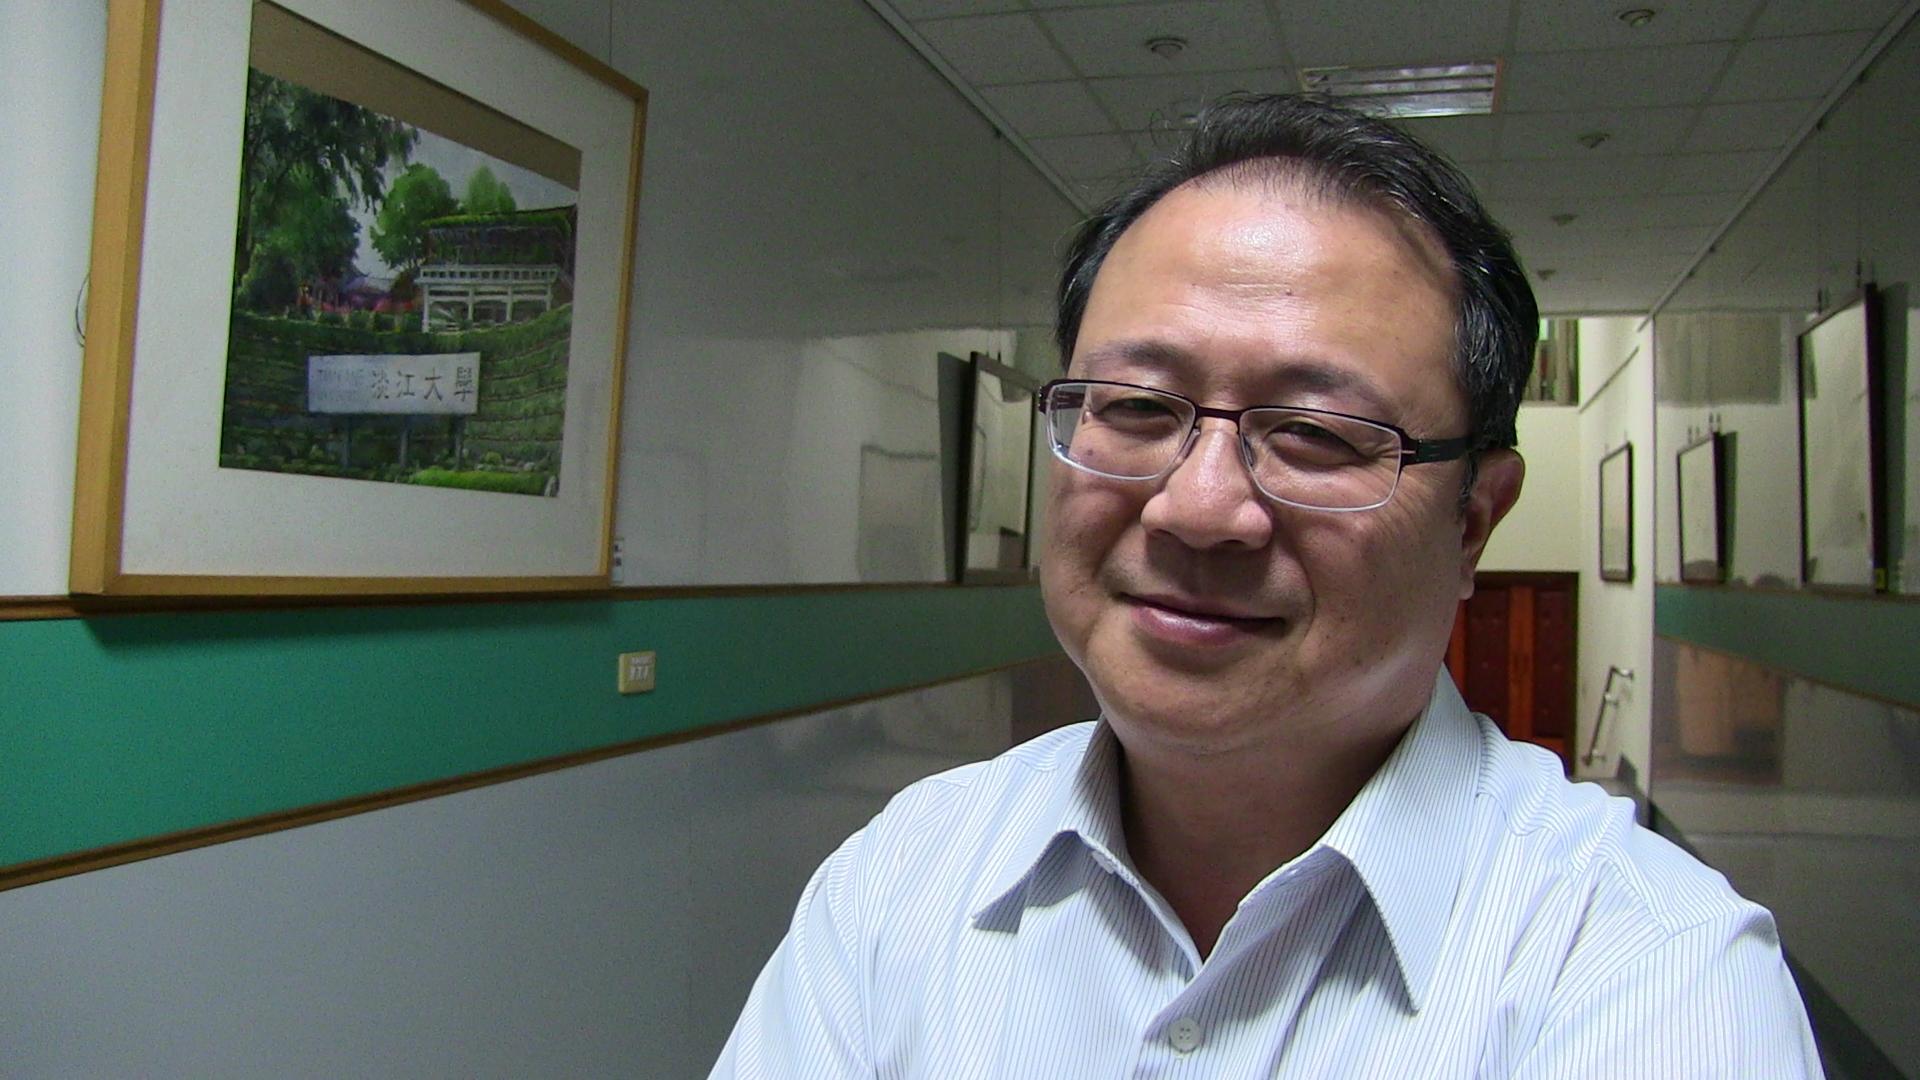 淡江大学战略研究所副教授黄介正。(记者夏小华摄)